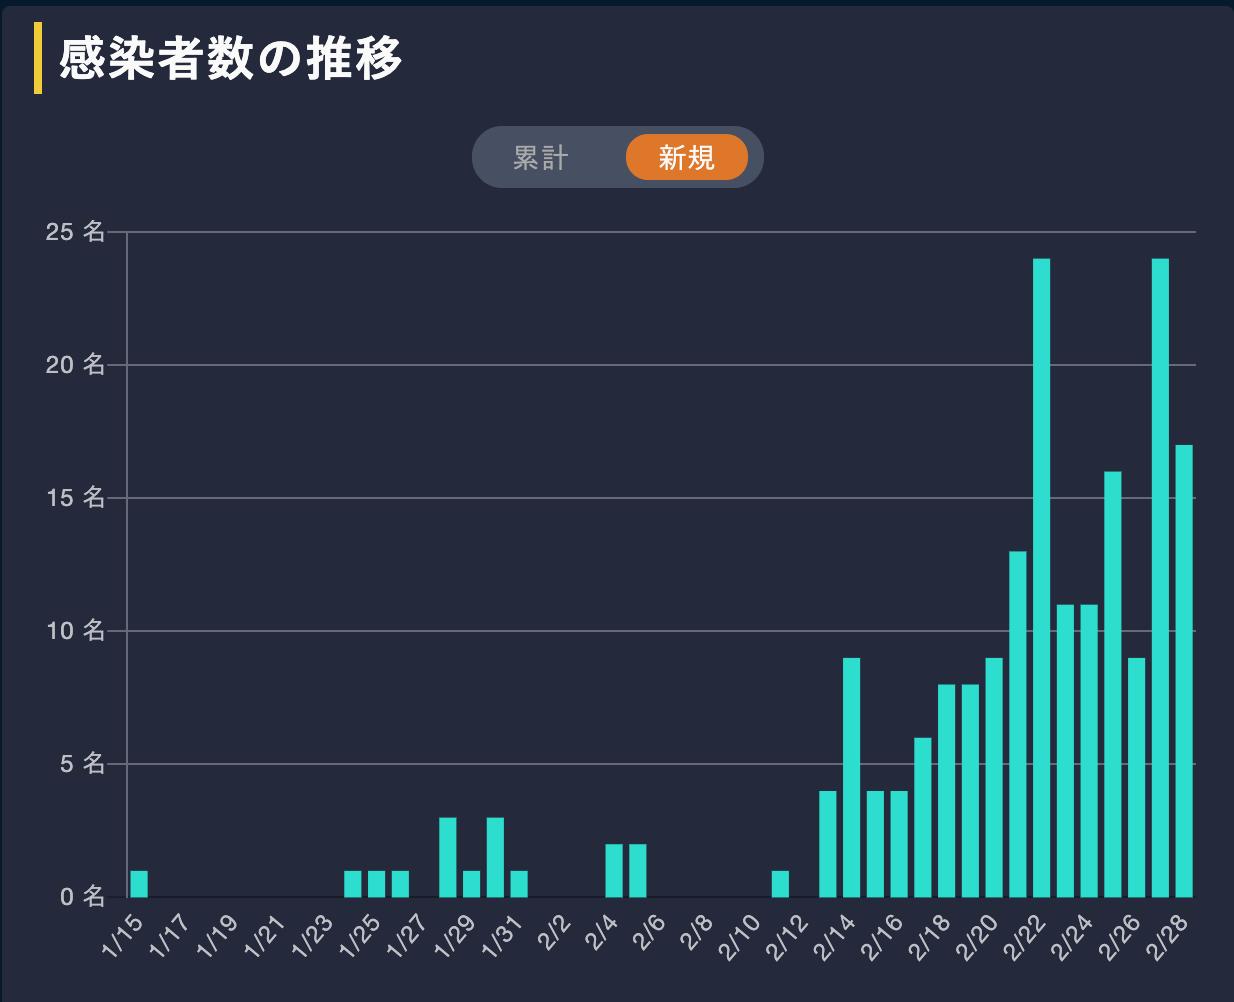 新型コロナウイルス感染正念場_d0028322_23084969.png